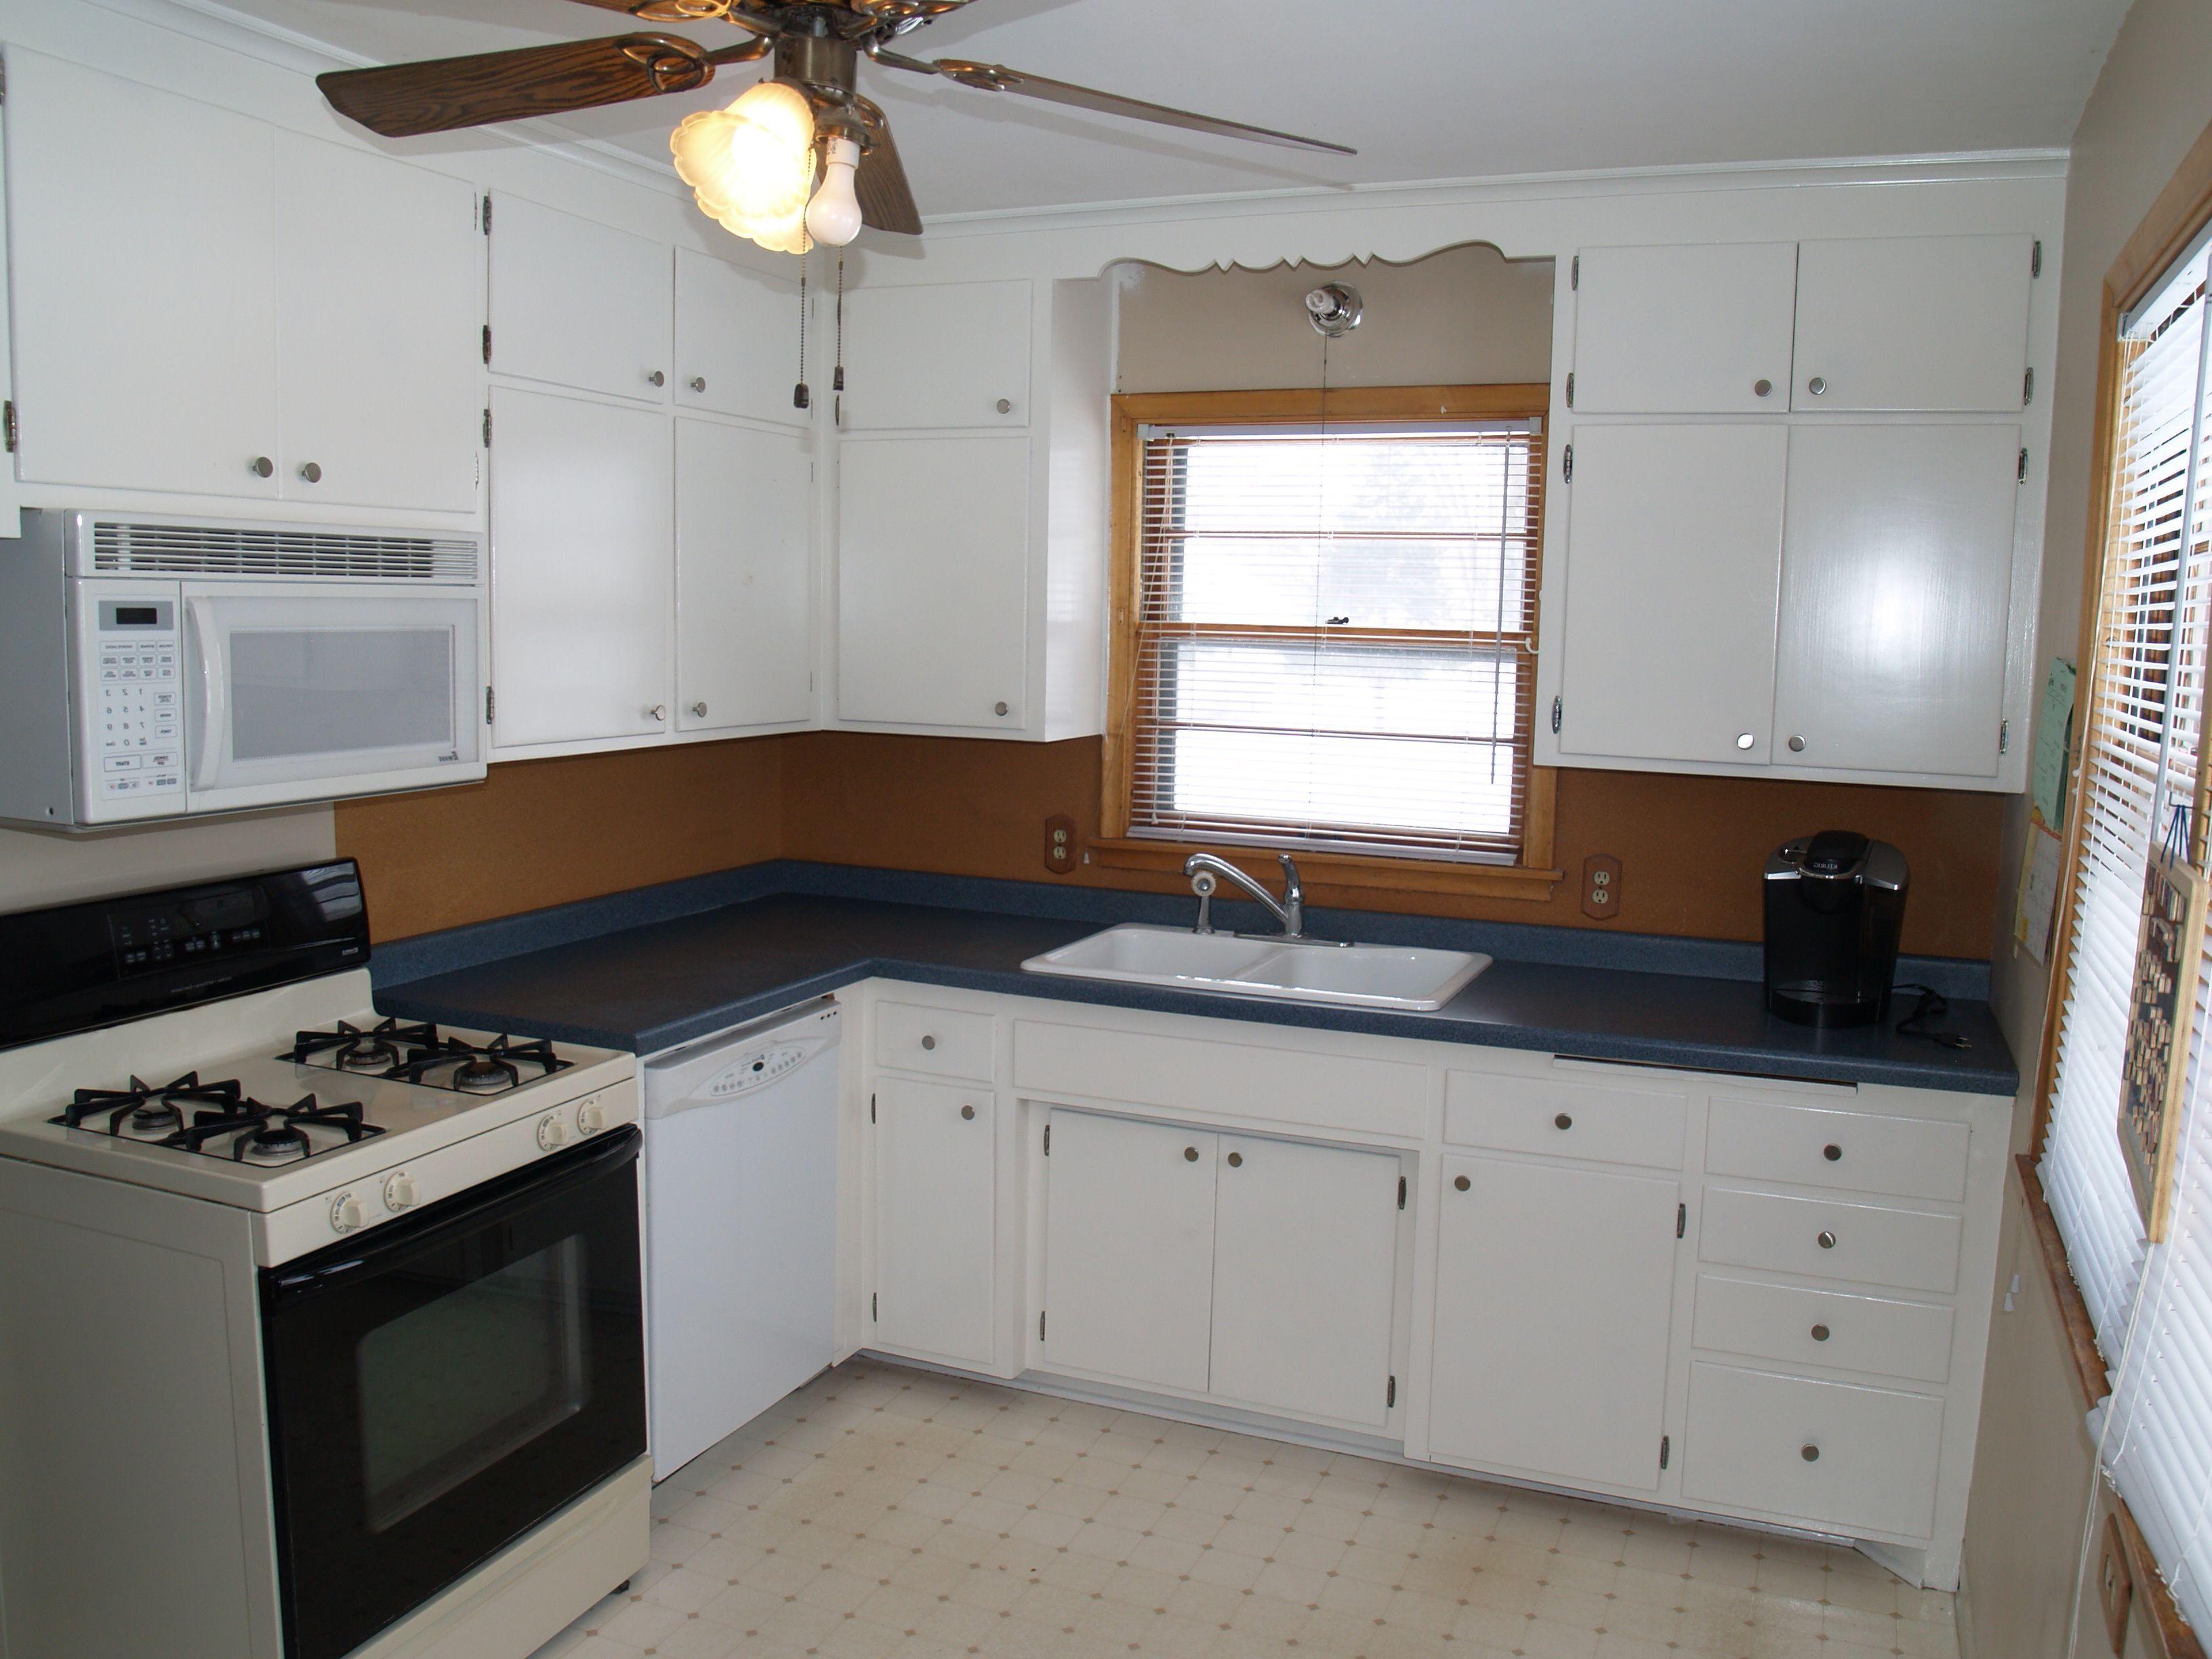 Küchenideen für kleine küchen kleine küche umbau ideen küche design layout ideen küche design